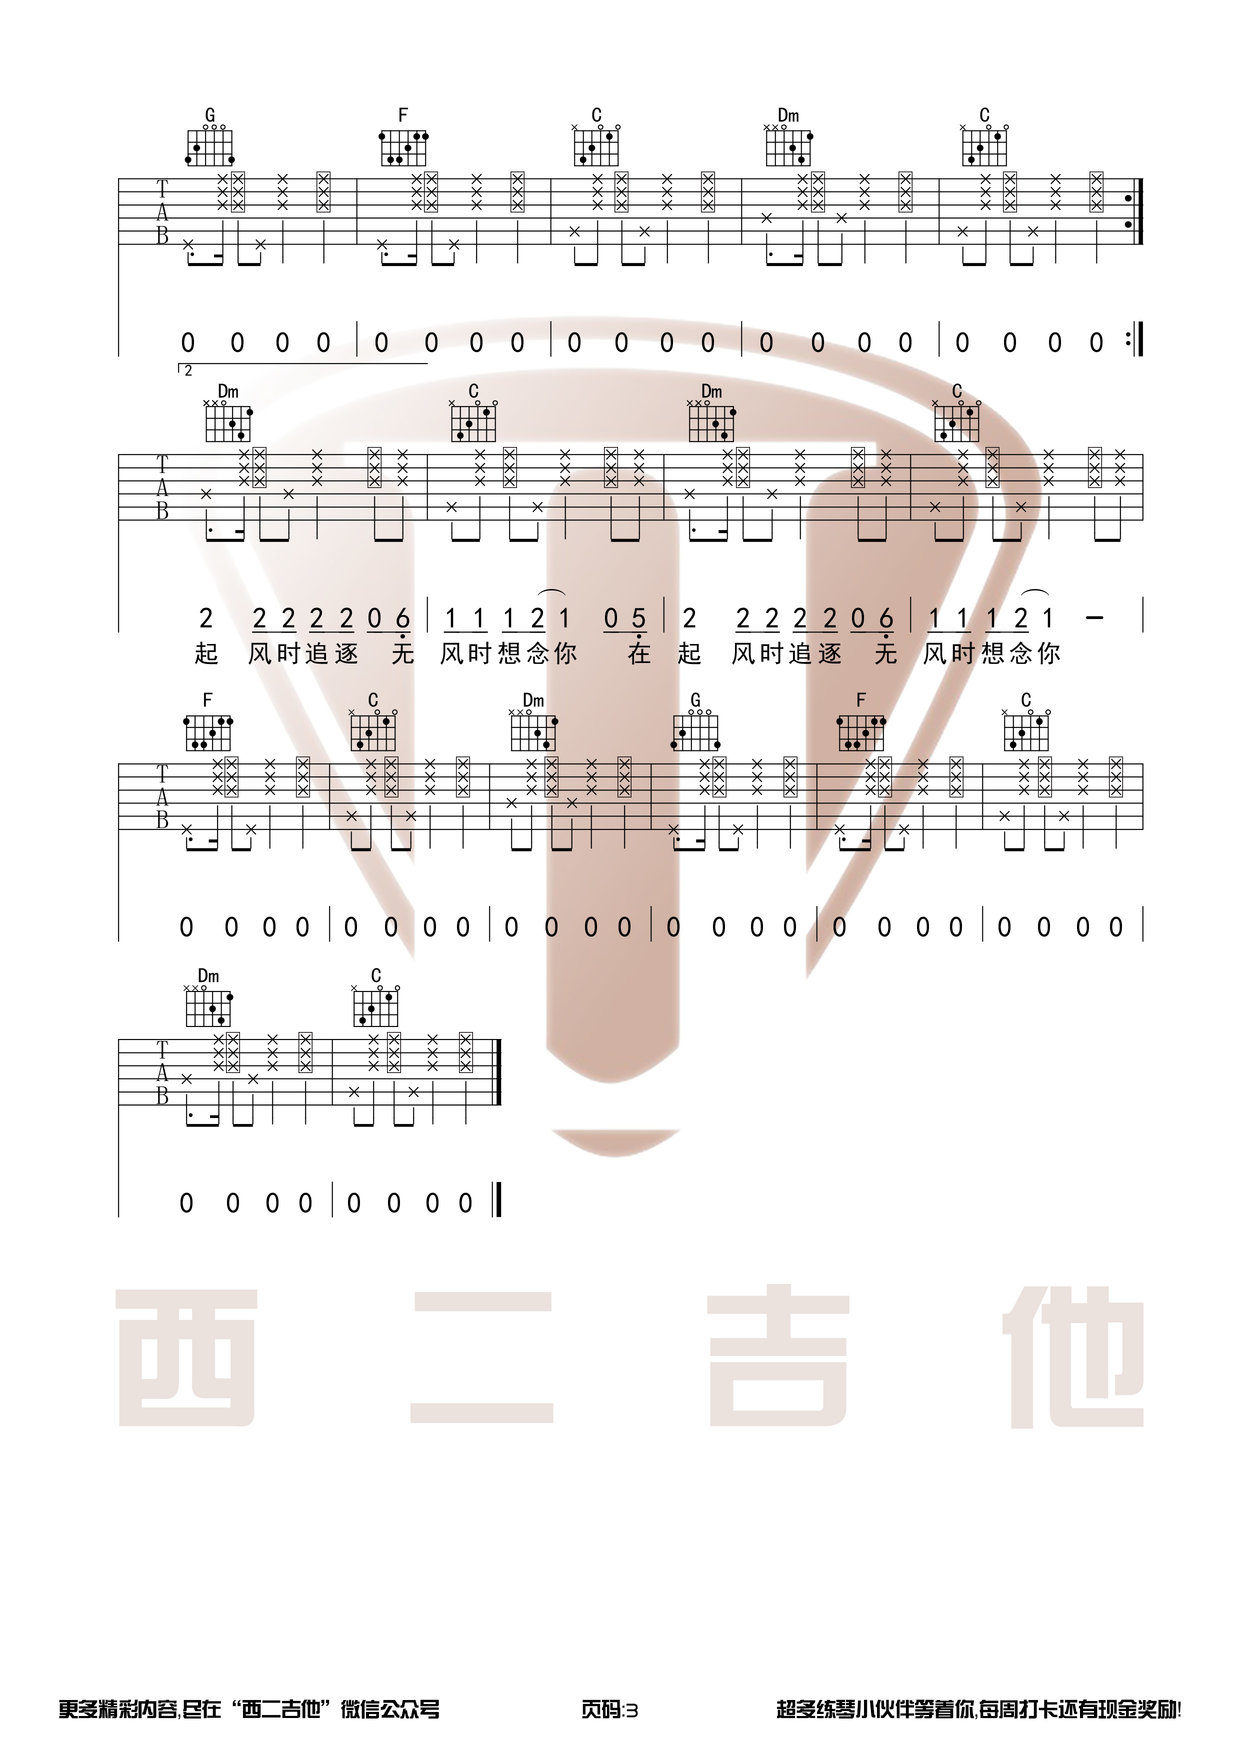 夏謠-煙把兒樂隊-图片吉他谱-3